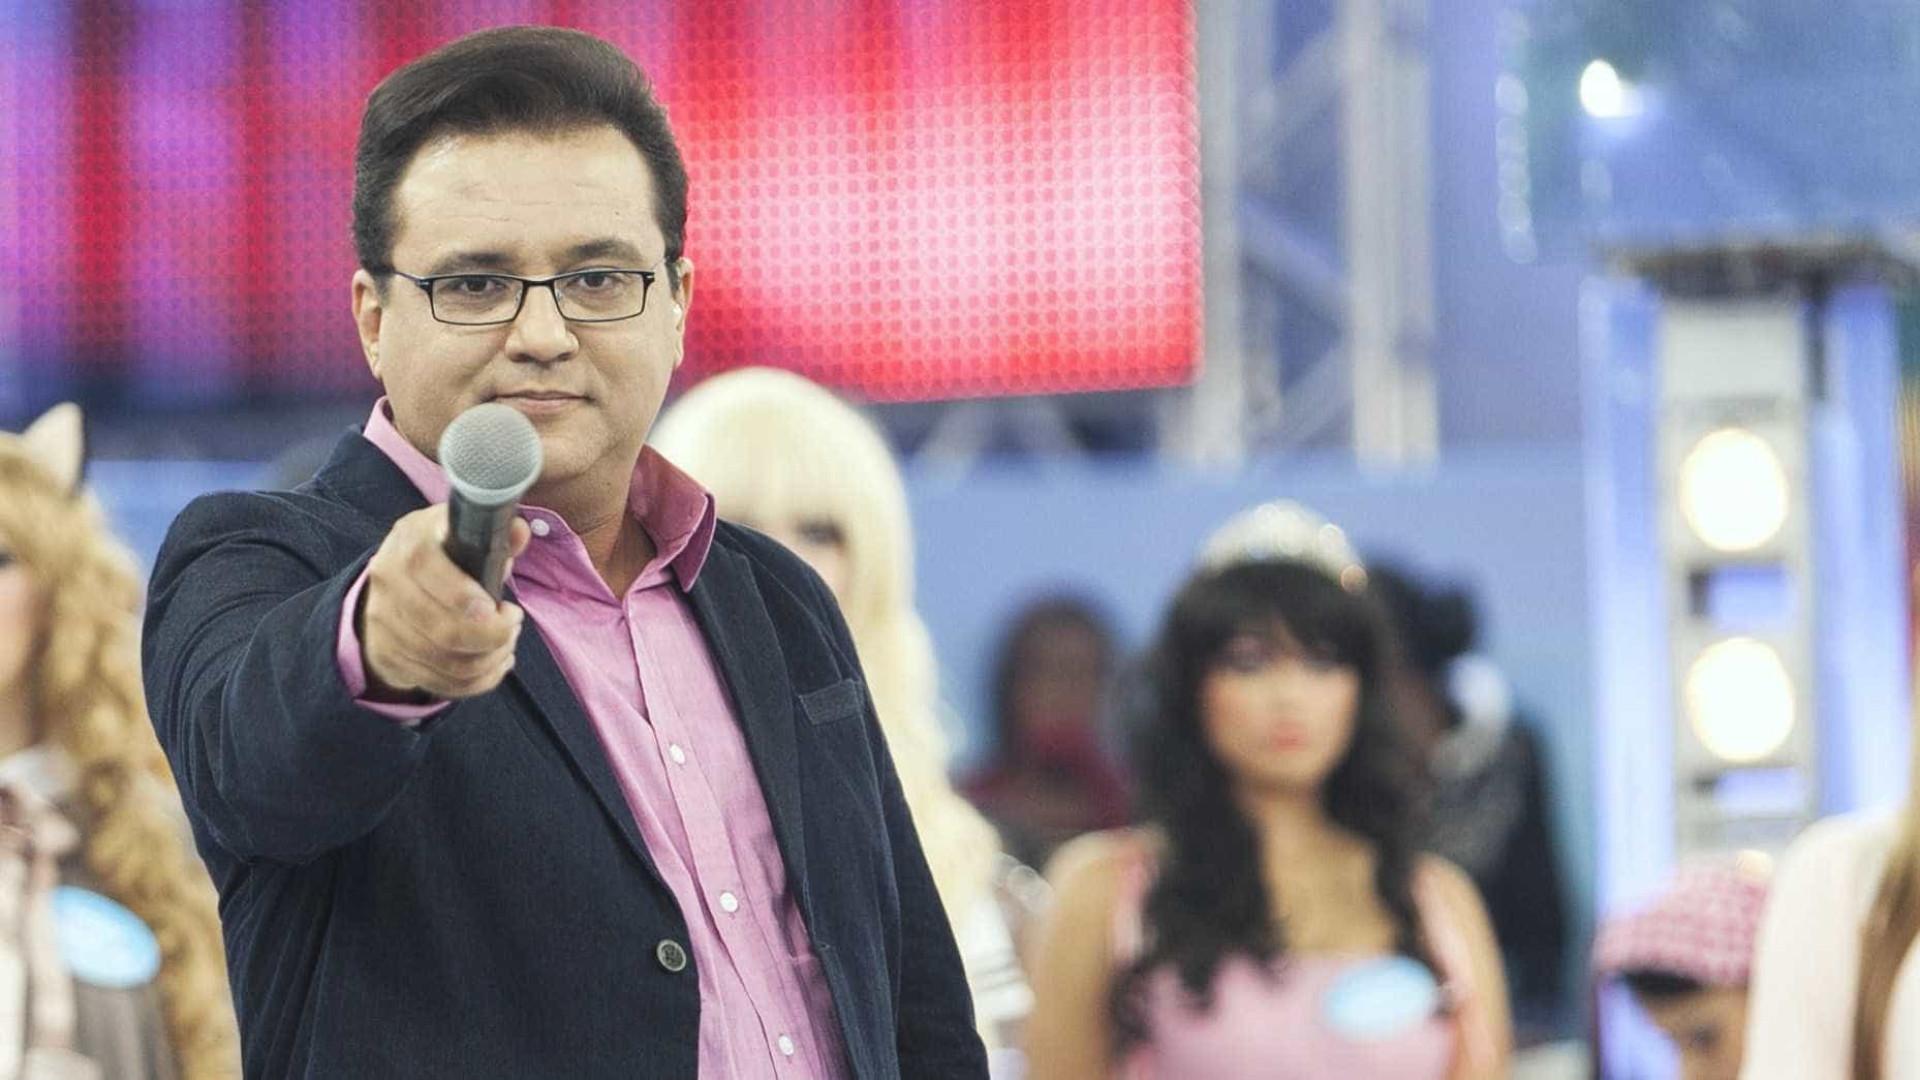 Salarios dos apresentadores do brasil